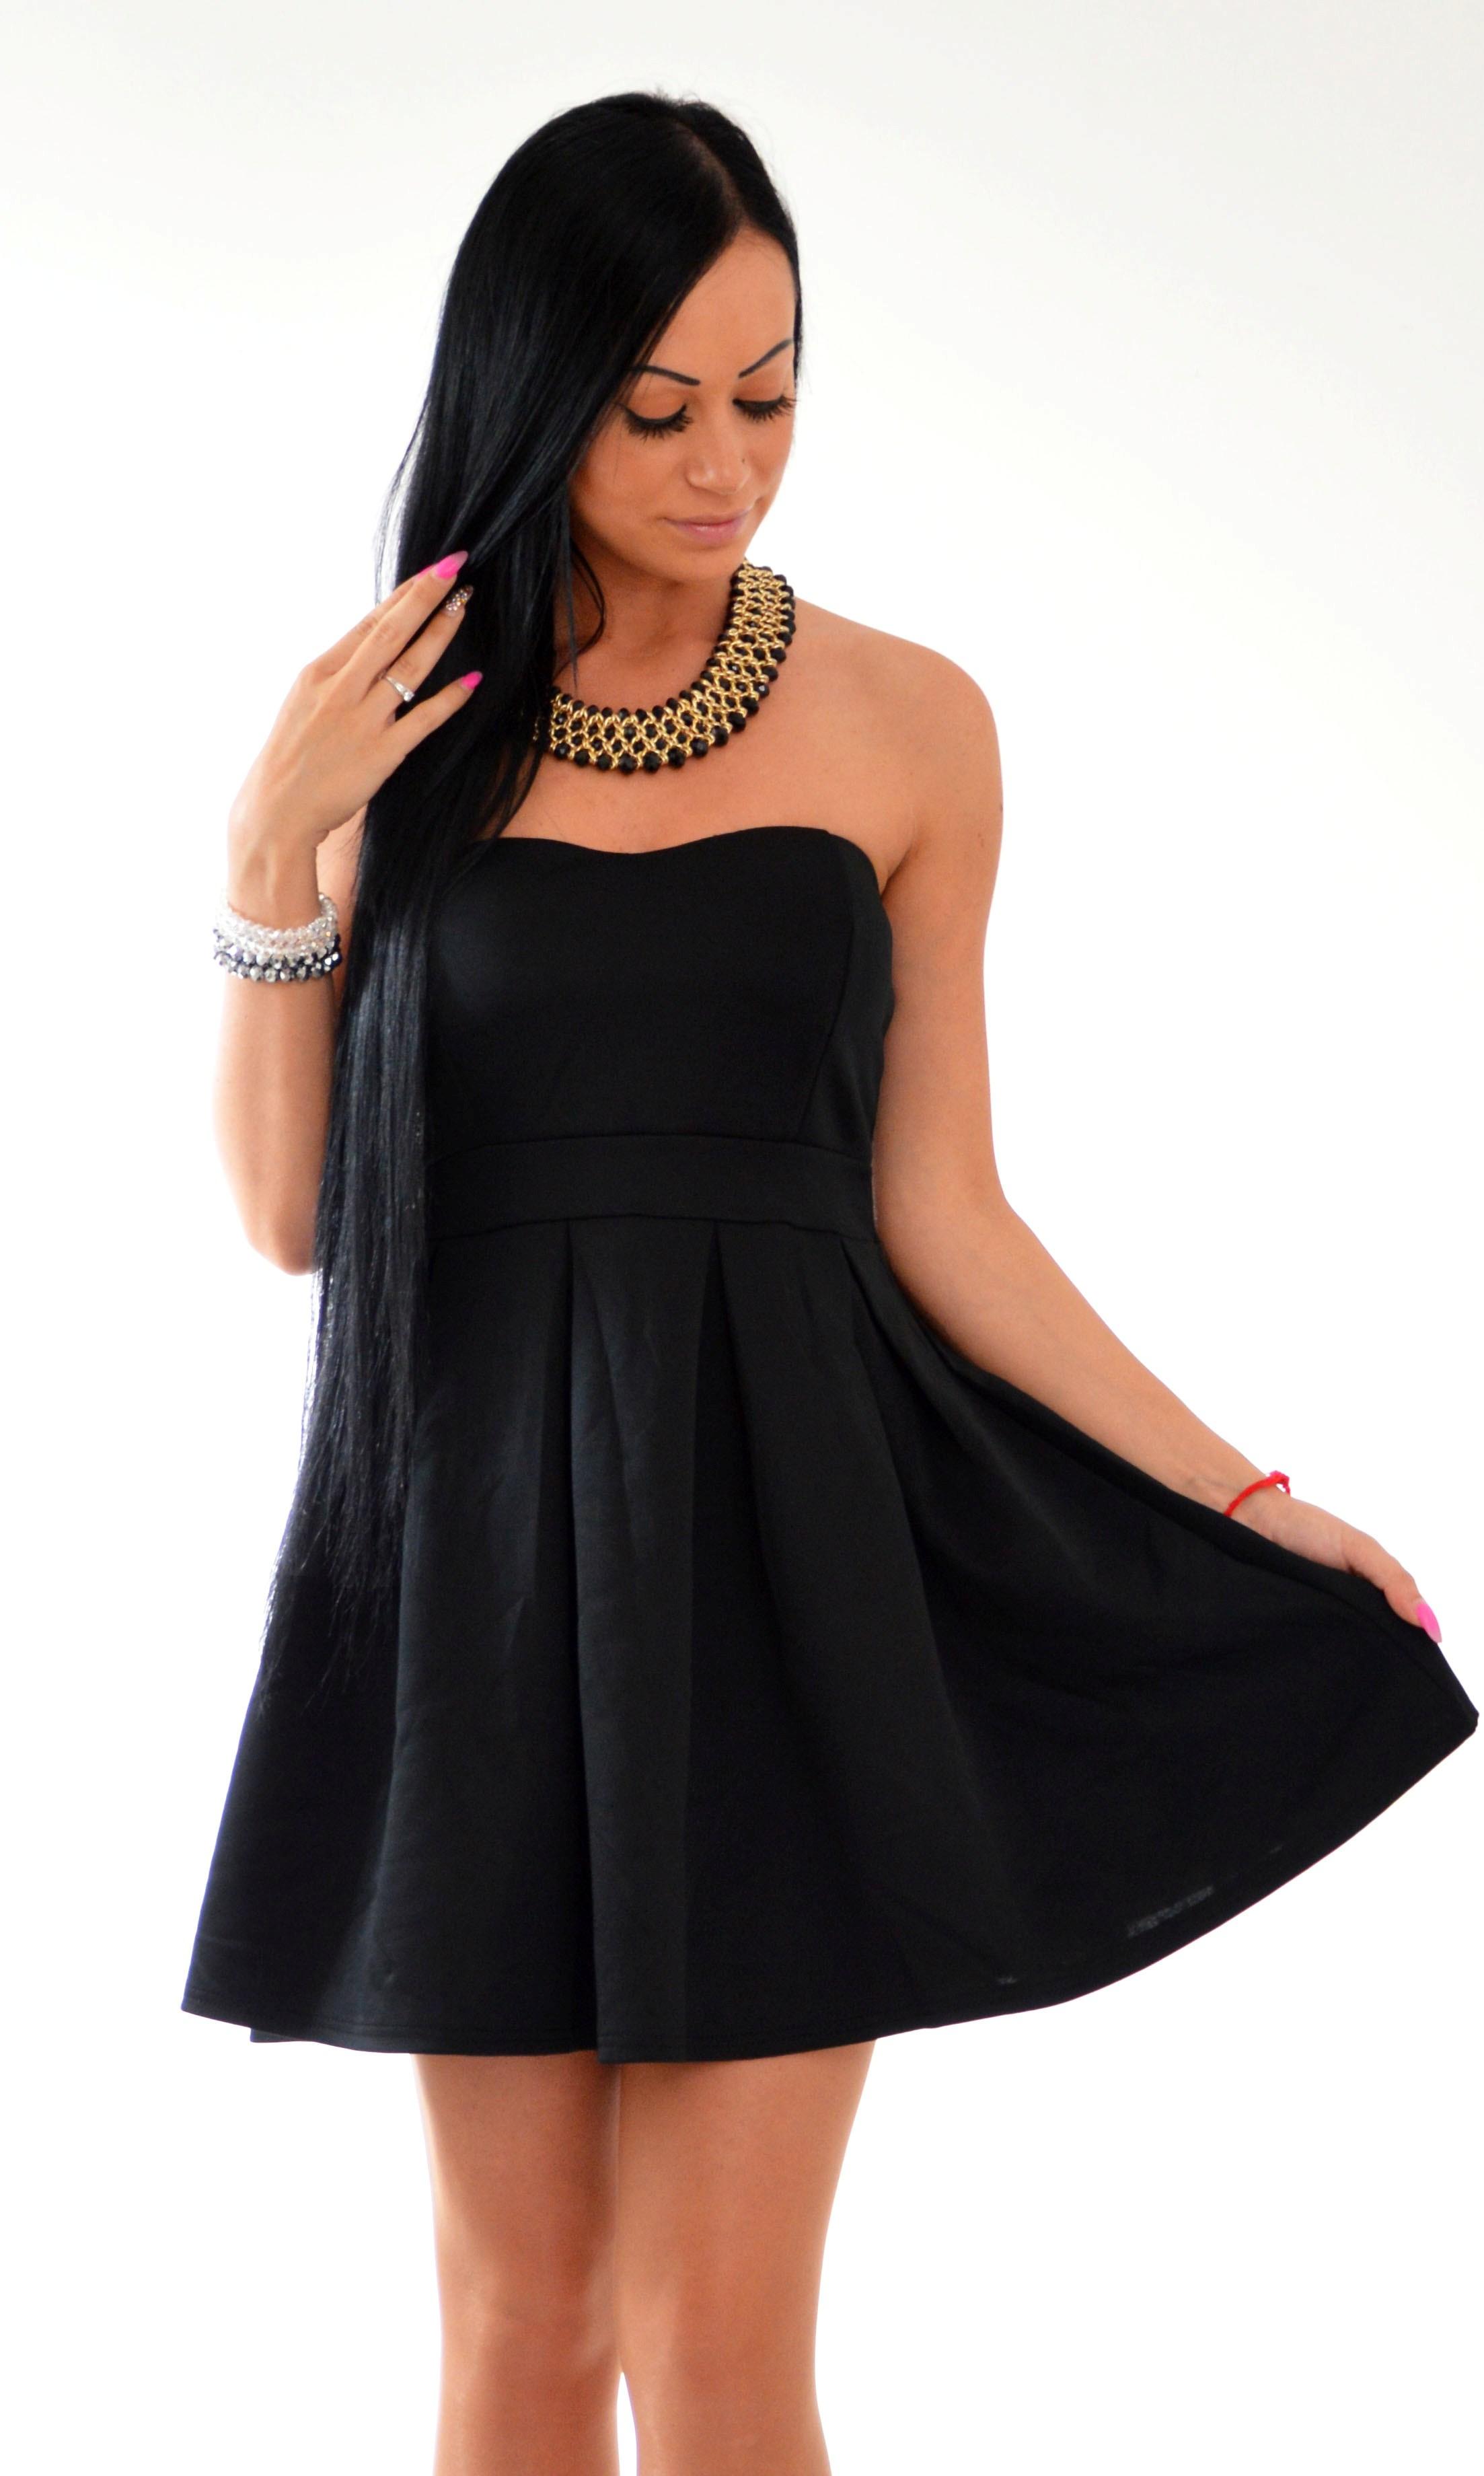 29f9f4bf4ca1 Romantické šaty bez ramienok pre všetky zvodné dámy